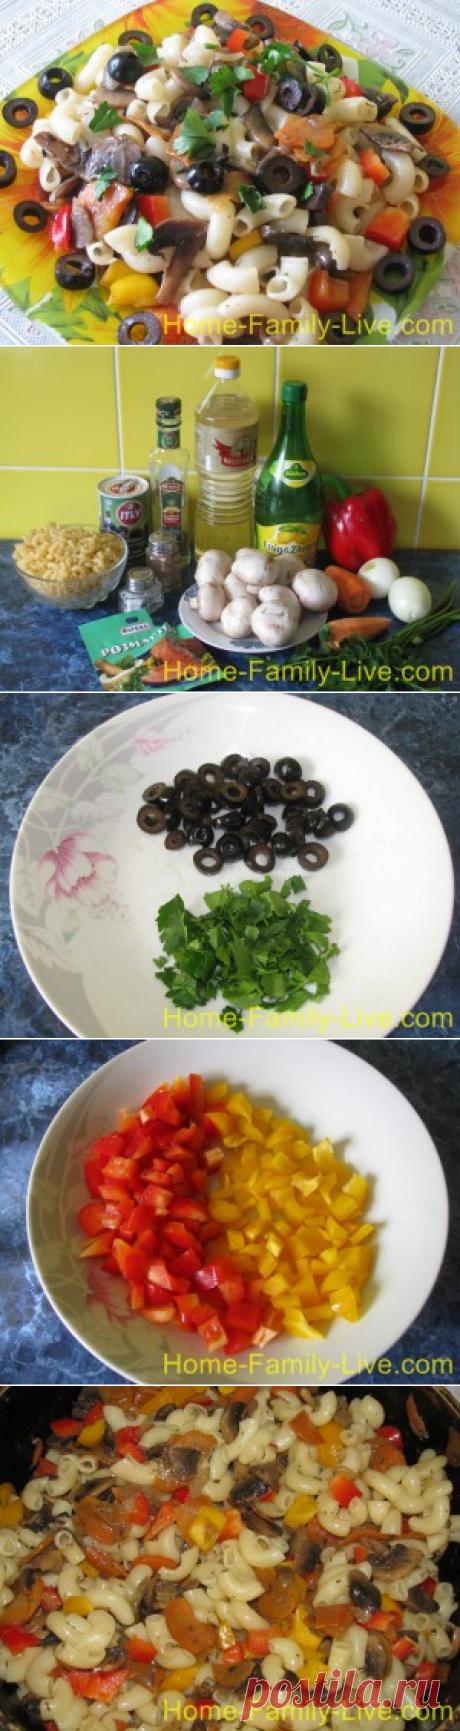 Салат Миланский -пошаговый фоторецепт - постная кухняКулинарные рецепты